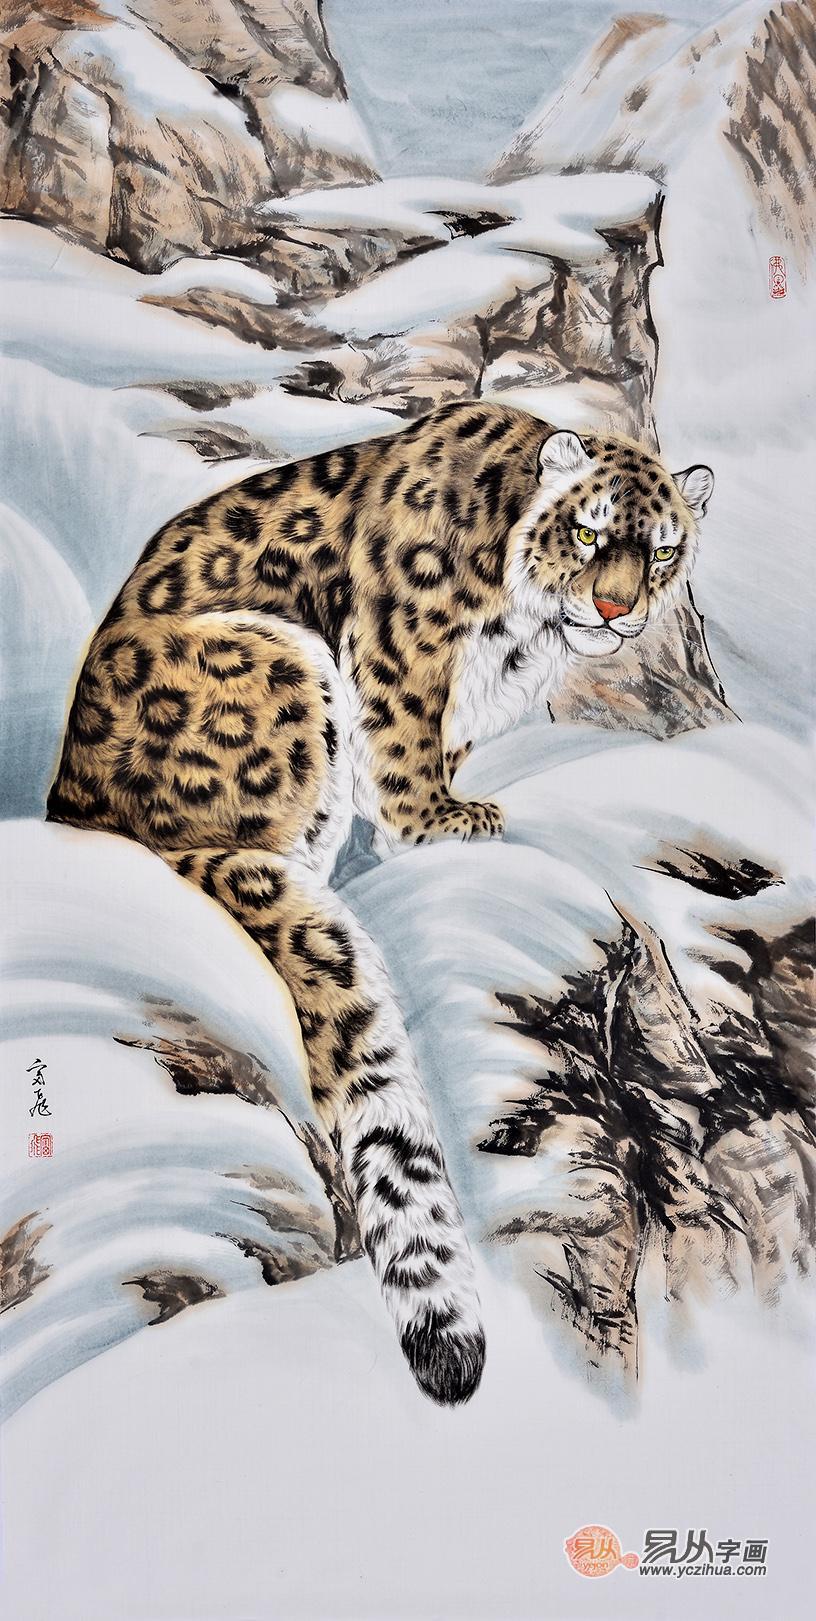 富飞四尺斗方动物画作品十二生肖